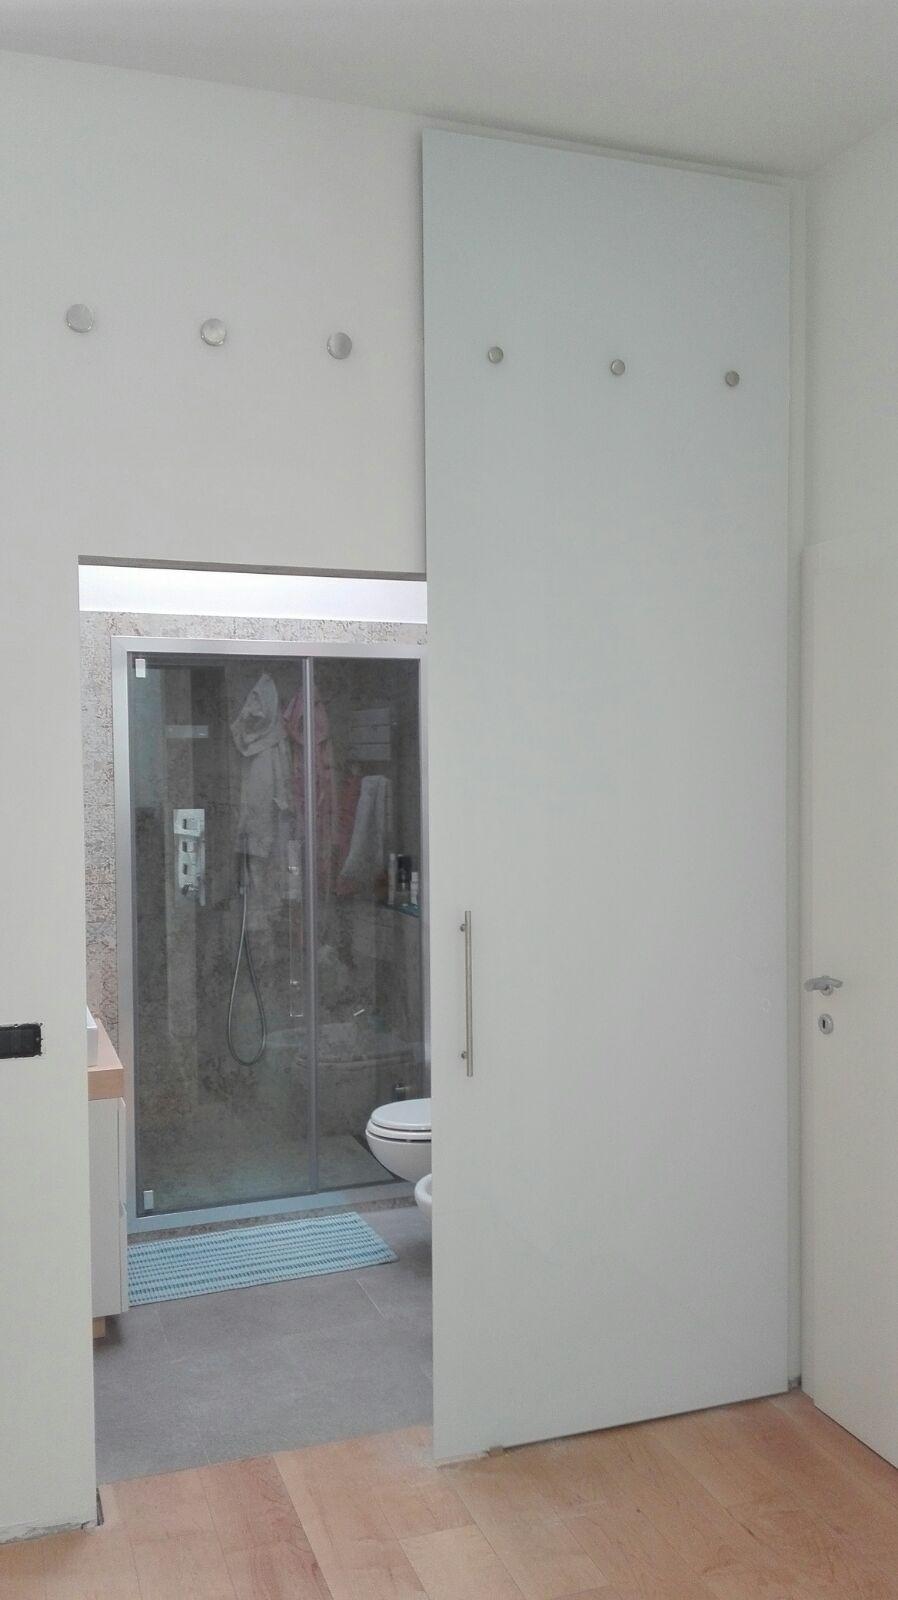 vetreria gottardi, porta temperata, porta scorrevole, porta in vetro, porta laccata